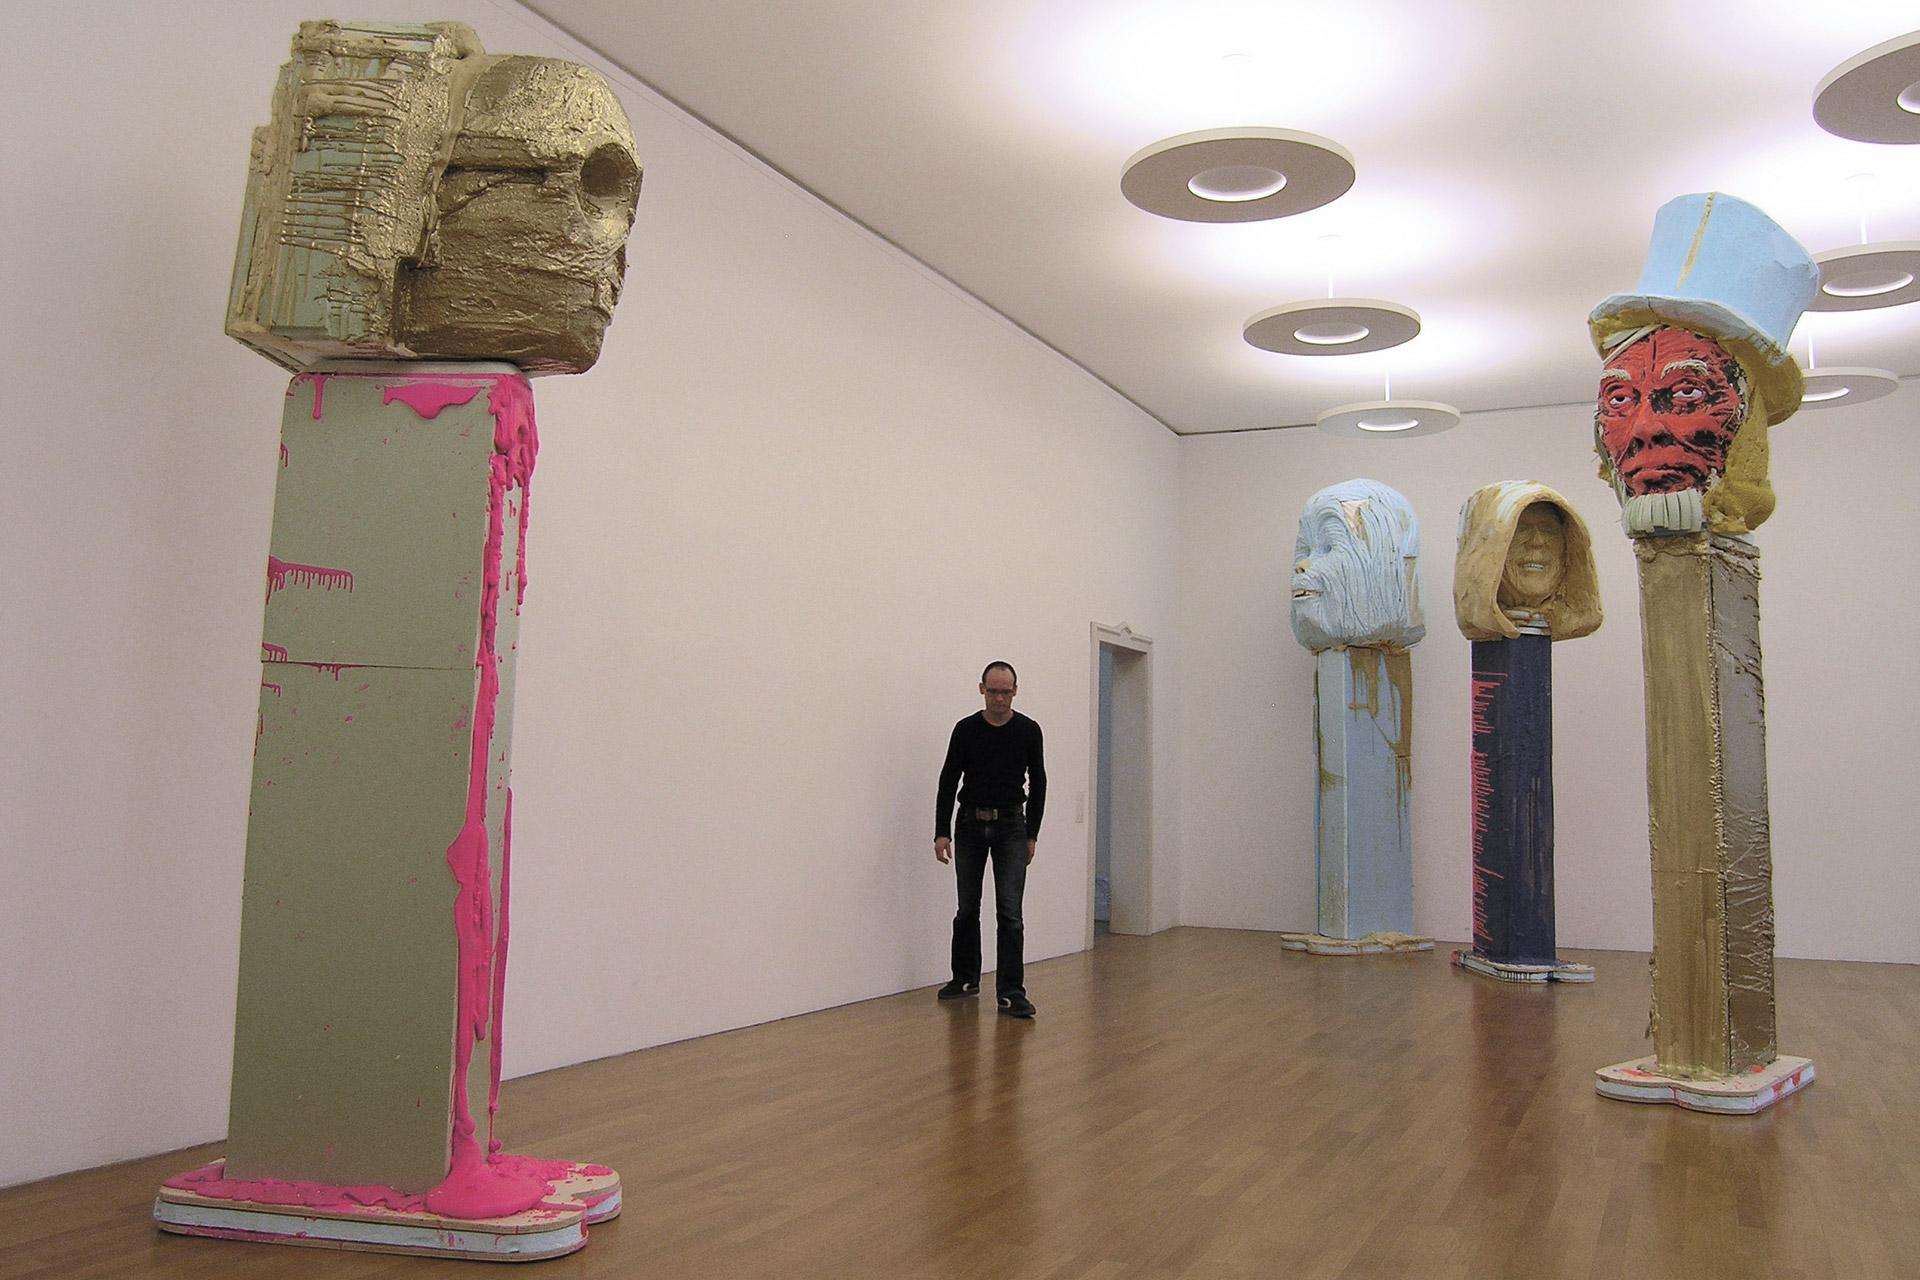 Folkert-de-Jong-Kunsthalle-Winterthur-2006-3.jpg